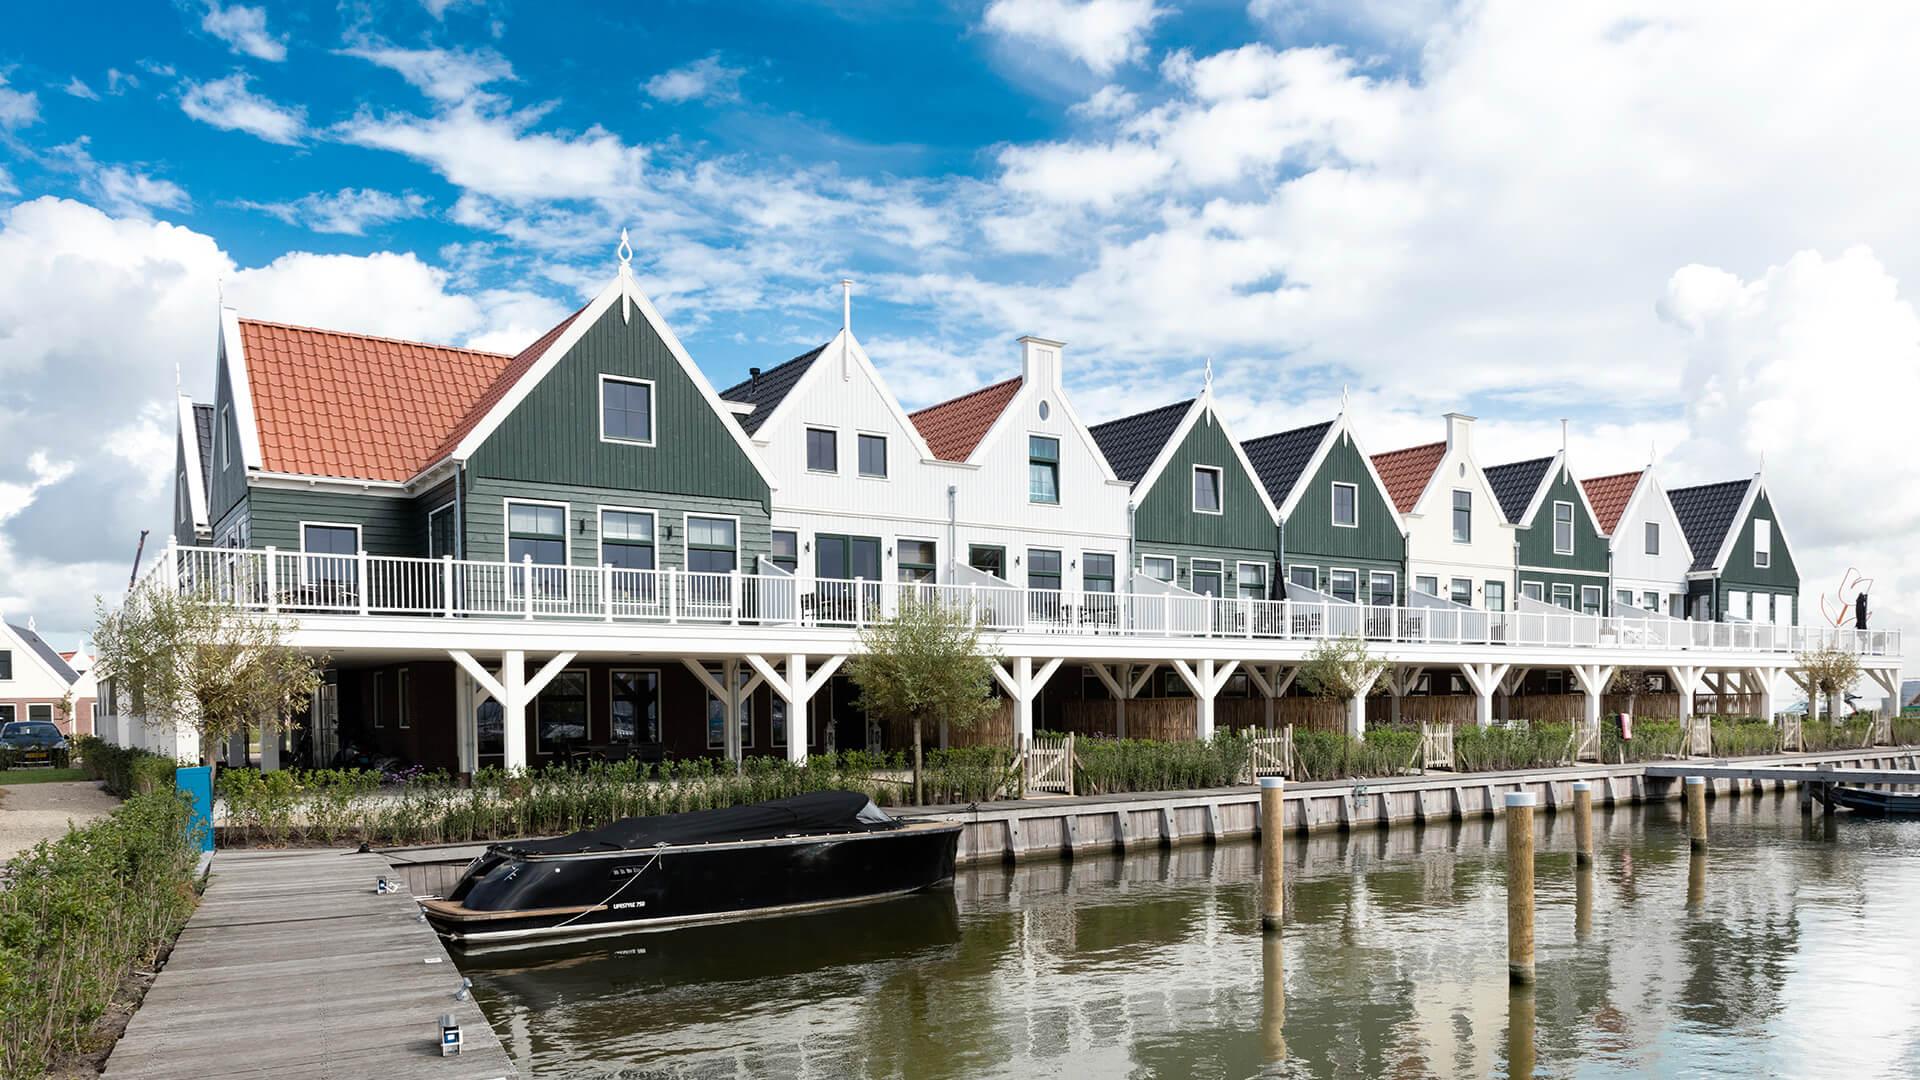 Bribus_Project_EuroParcs Resort Poort van Amsterdam